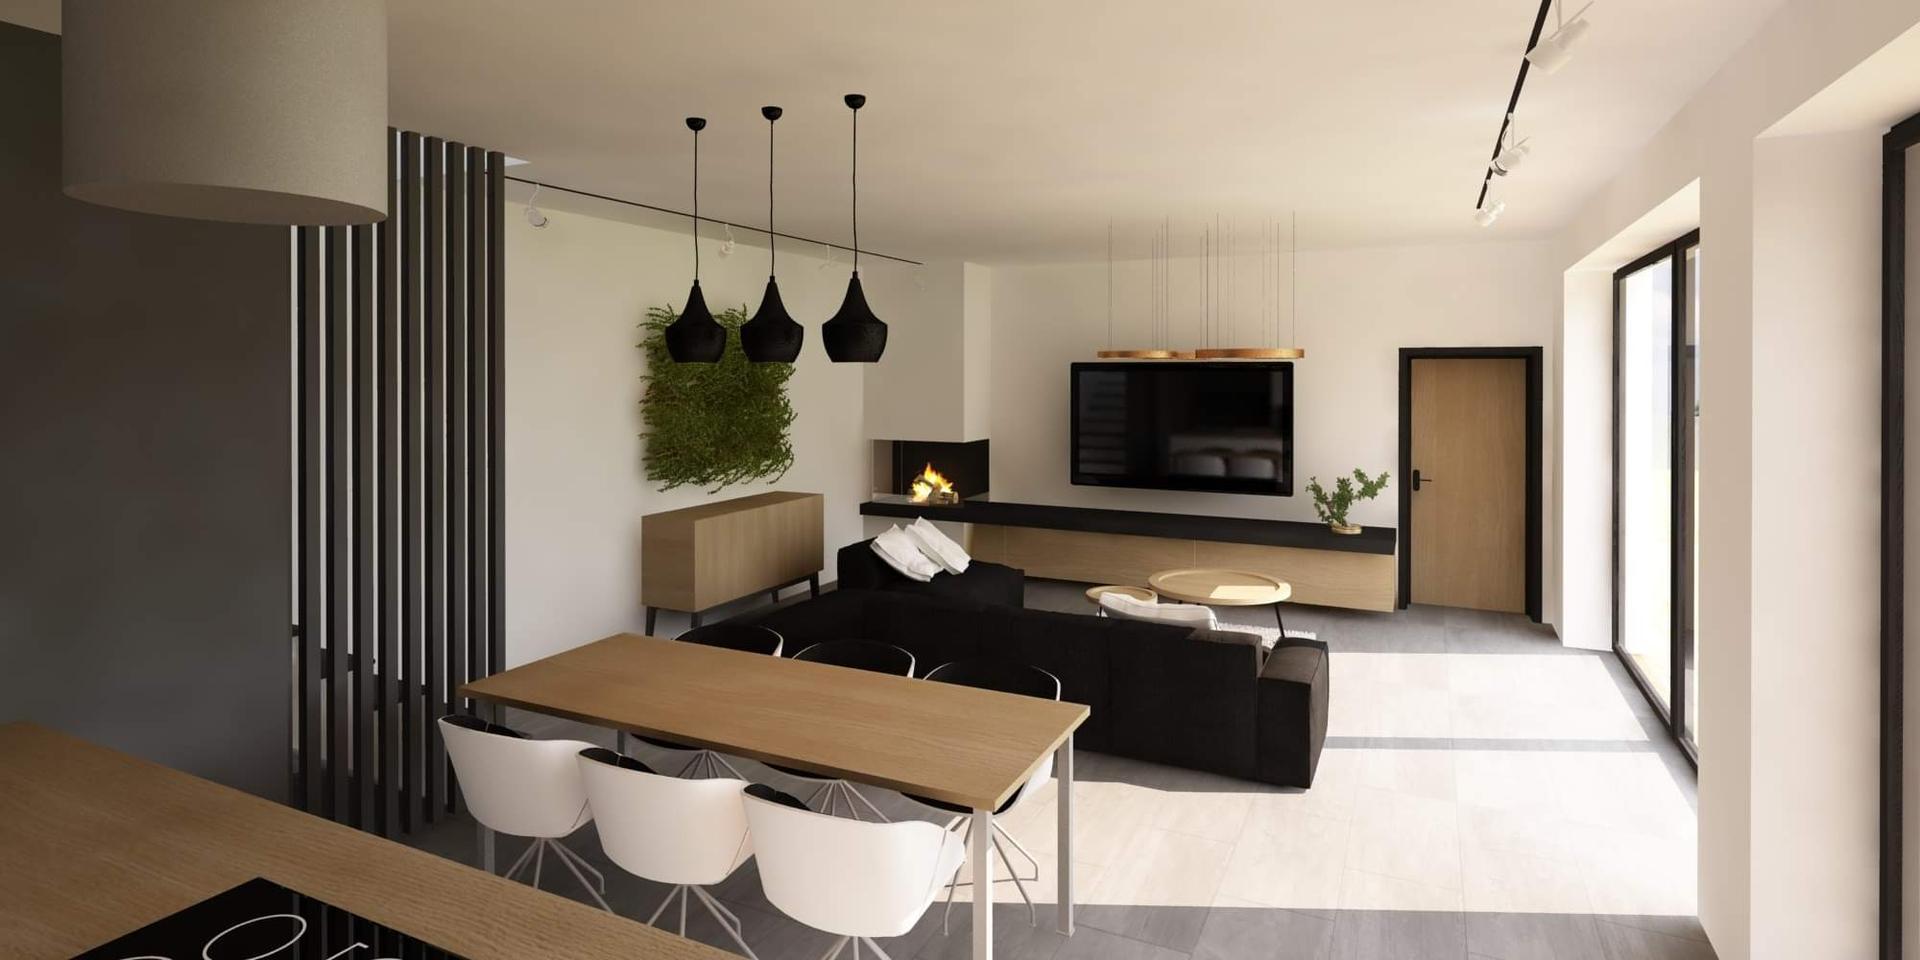 Náš naprojektovaný domček - Nova vizualizacia s podlahou aj s dverami